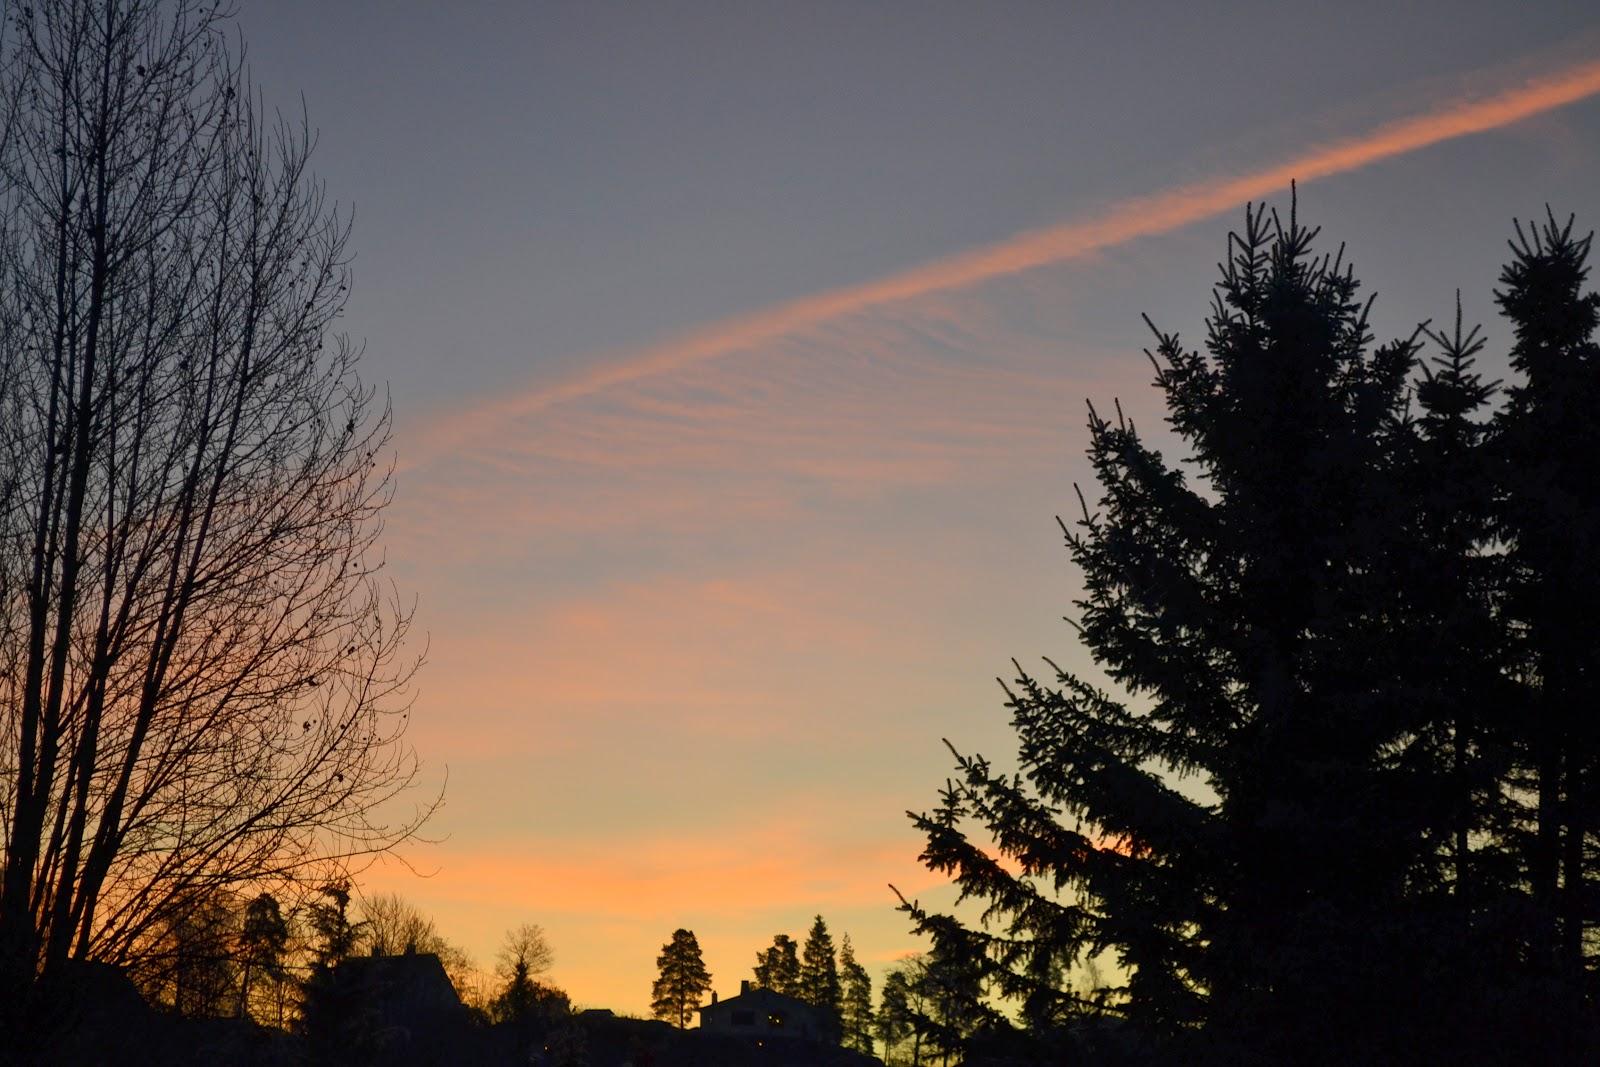 Evening in Hovik